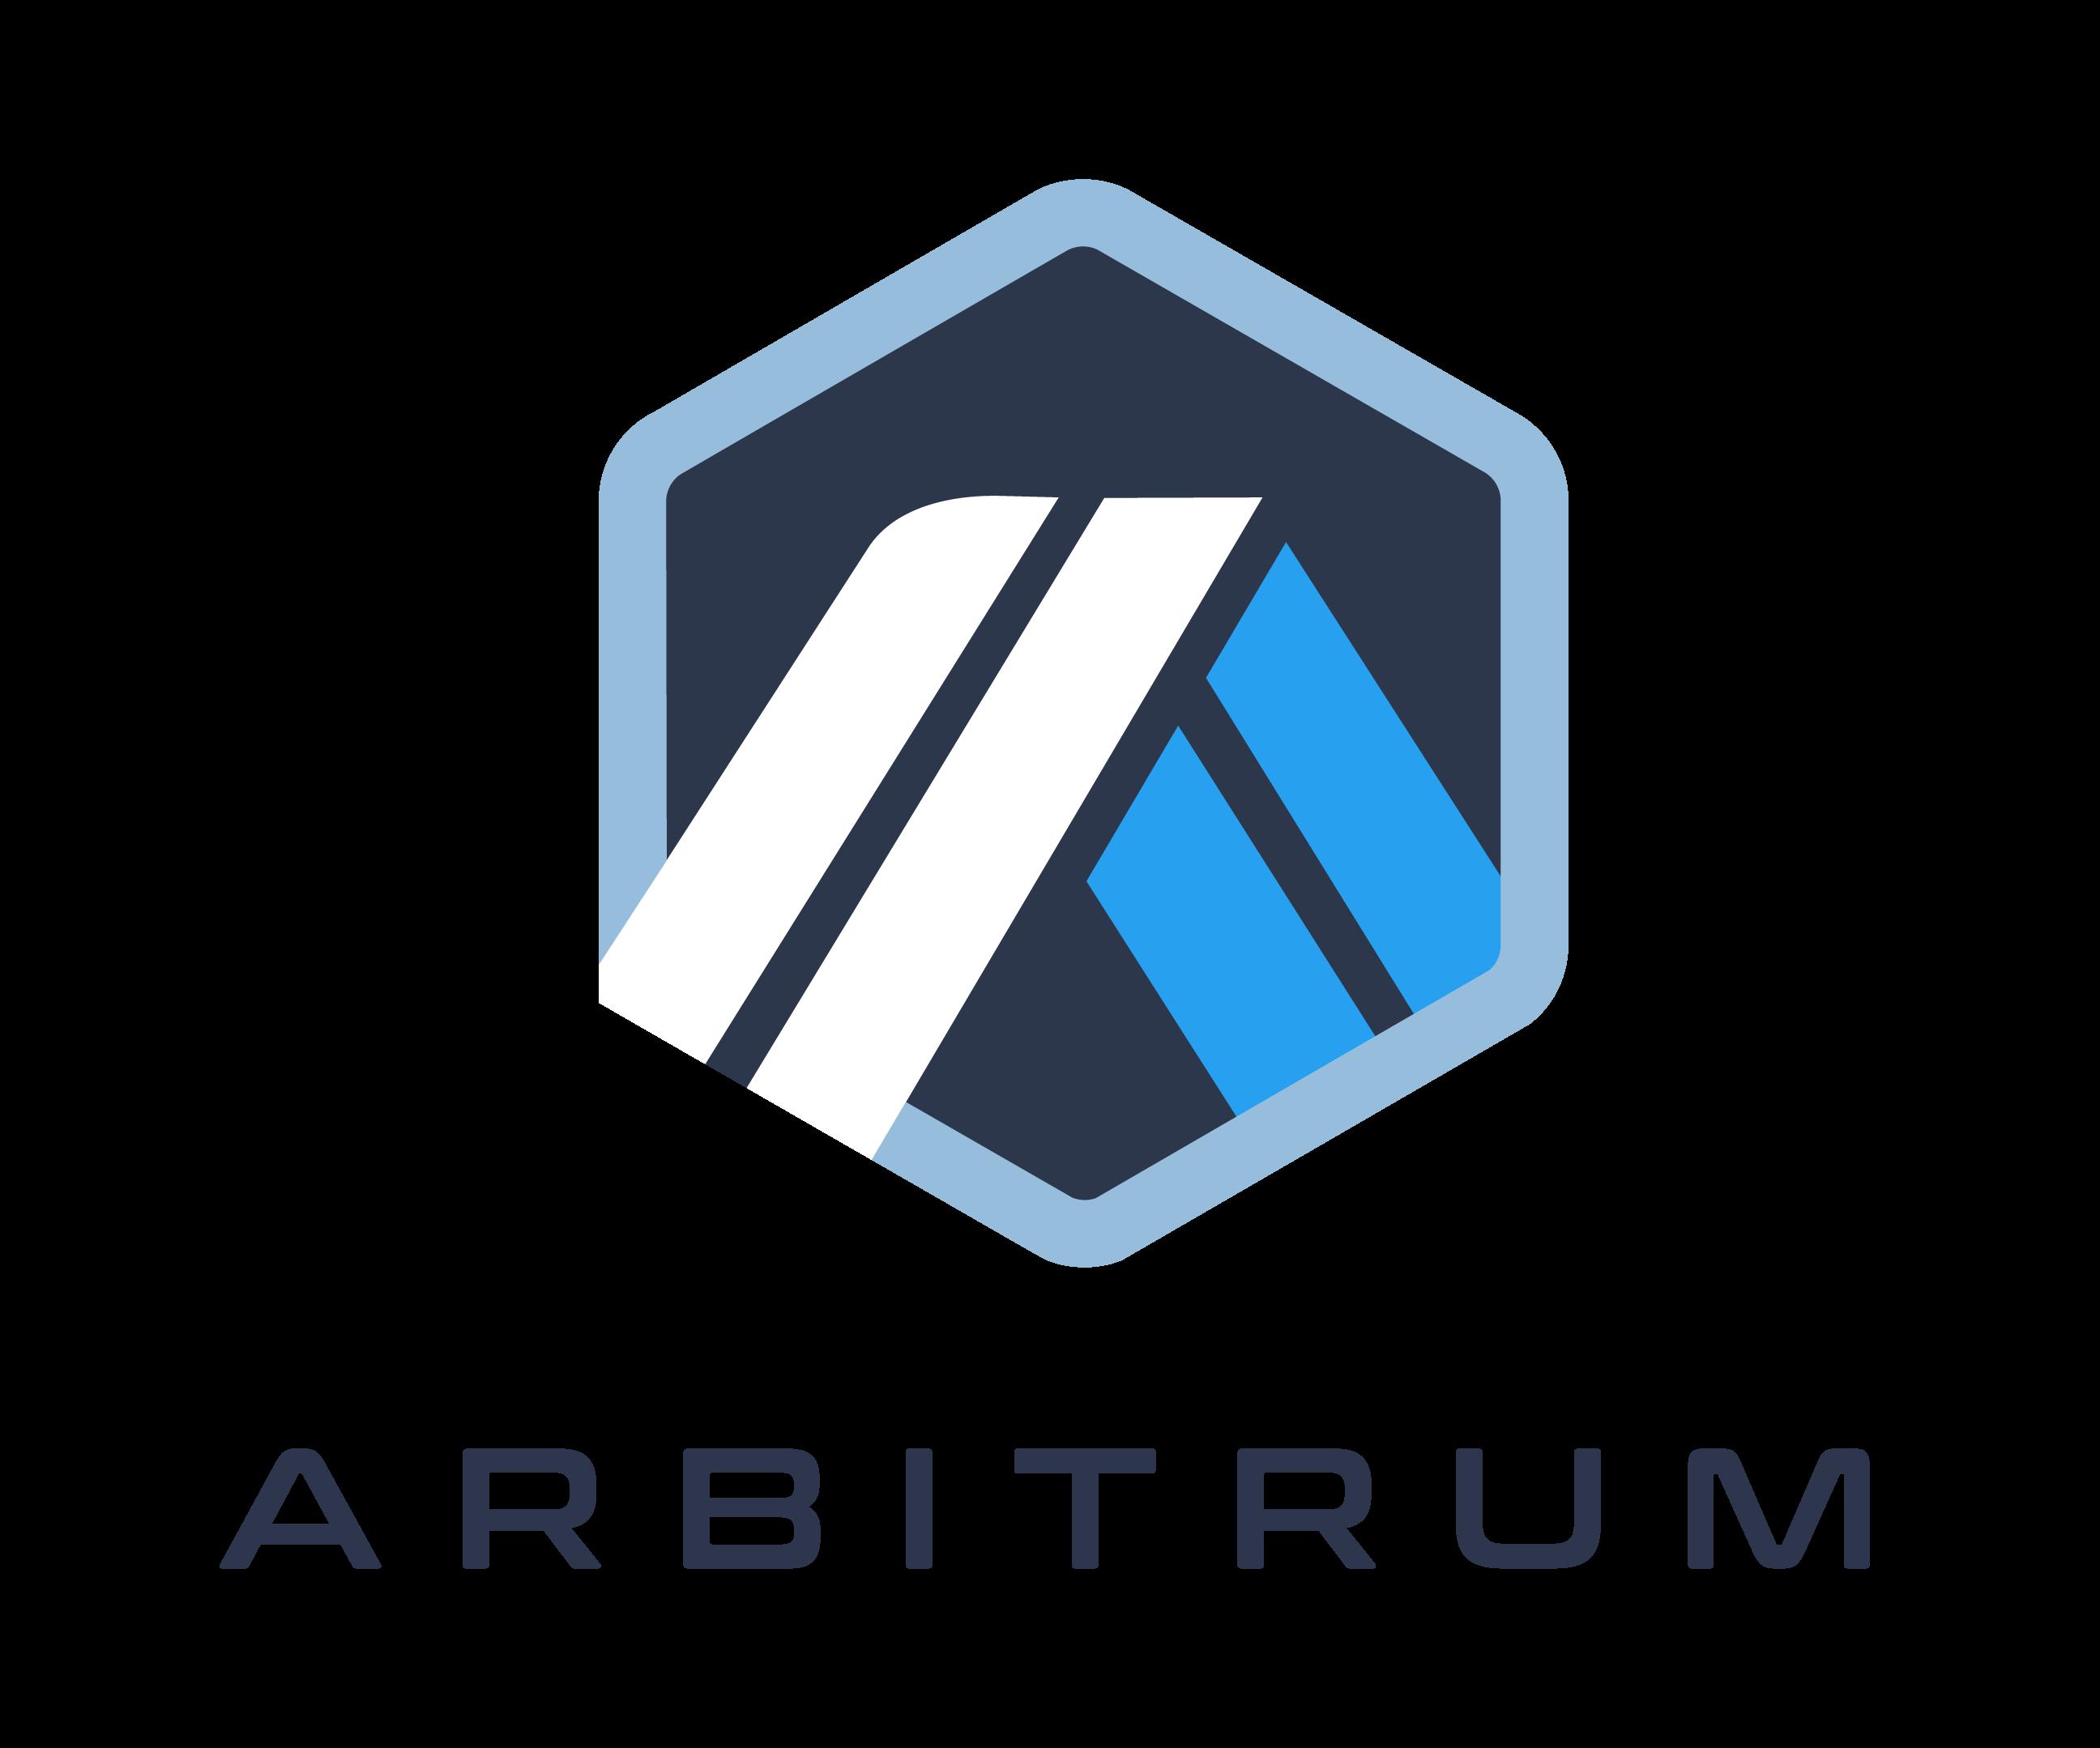 以太坊扩容解决方案 Arbitrum 融资 1.2 亿美元推出主网